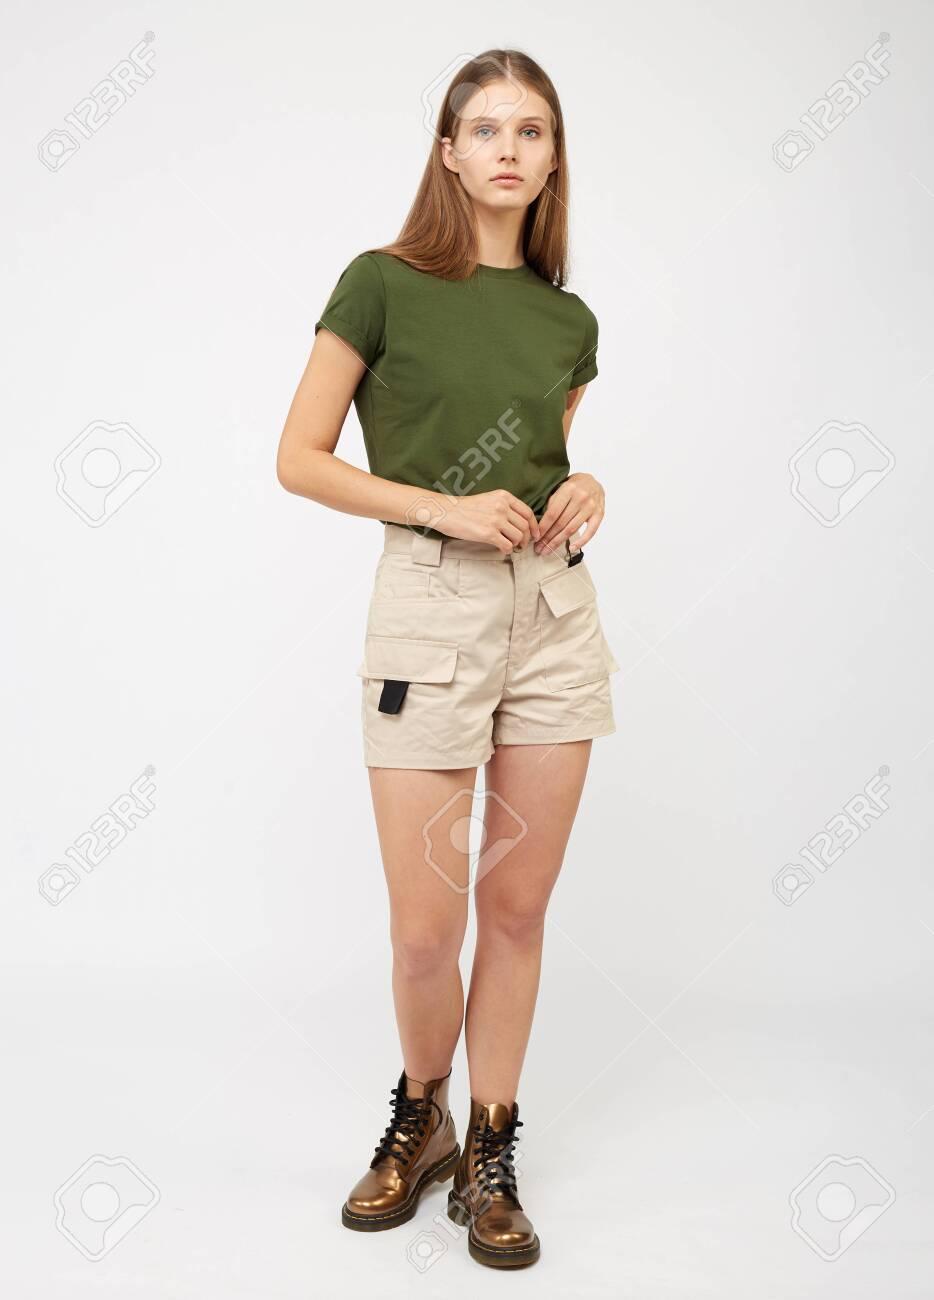 Teenager girl in beige cargo shorts - 133006184